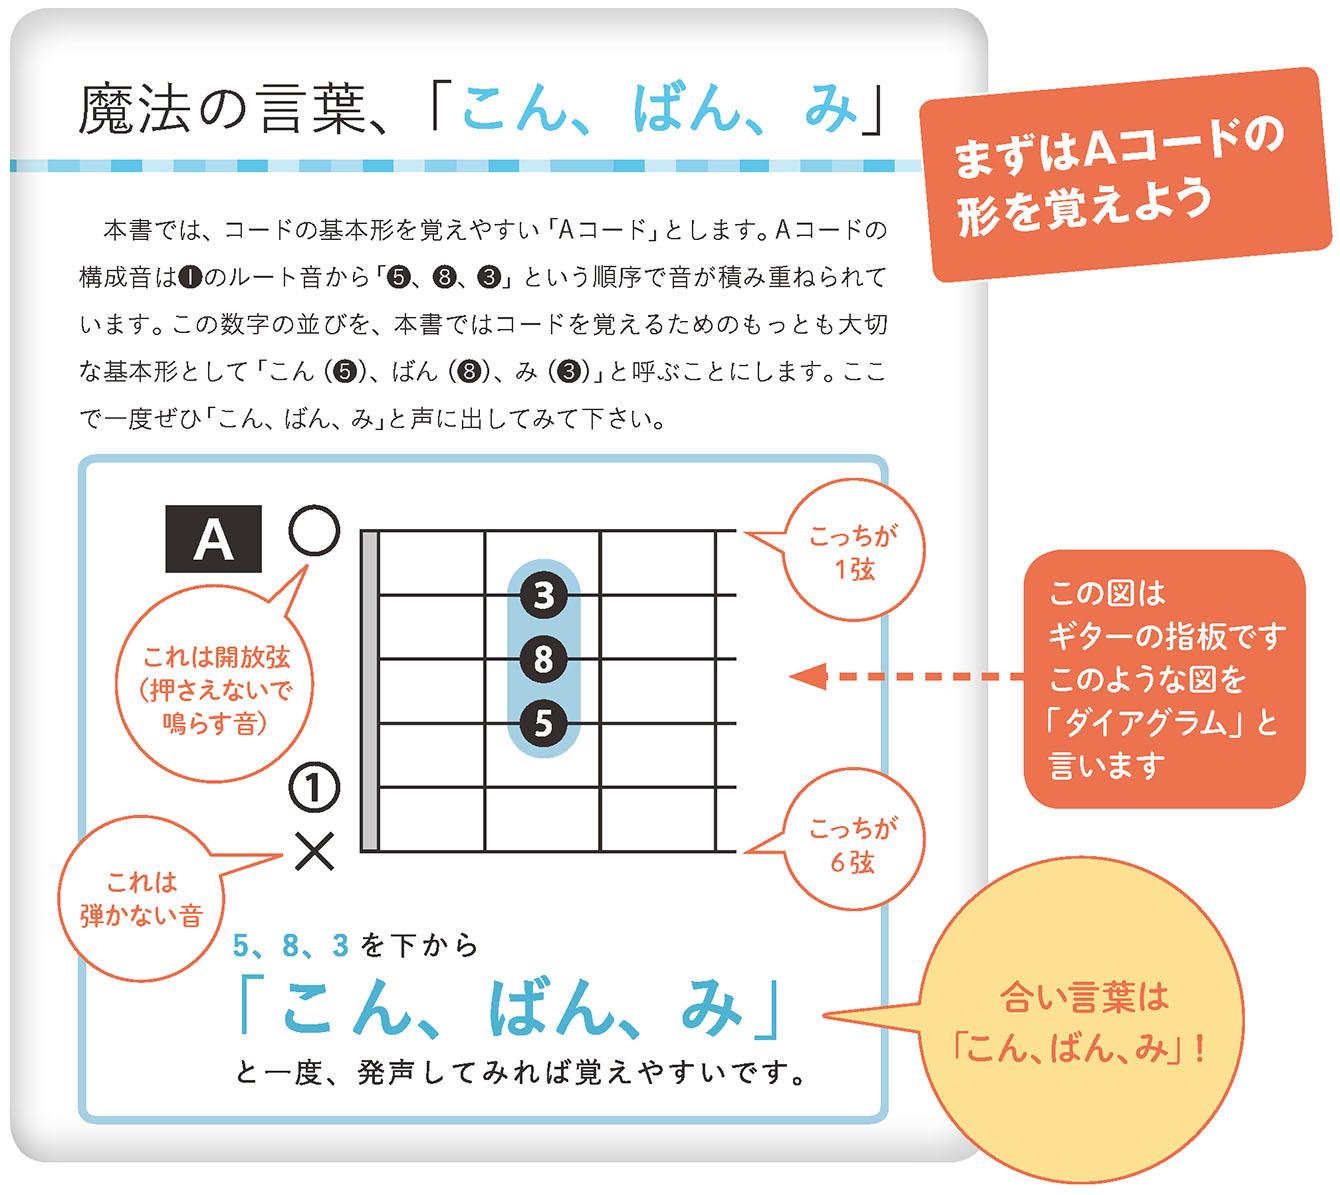 http://musicschool-navi.jp/columns/keion_gt_01.jpg